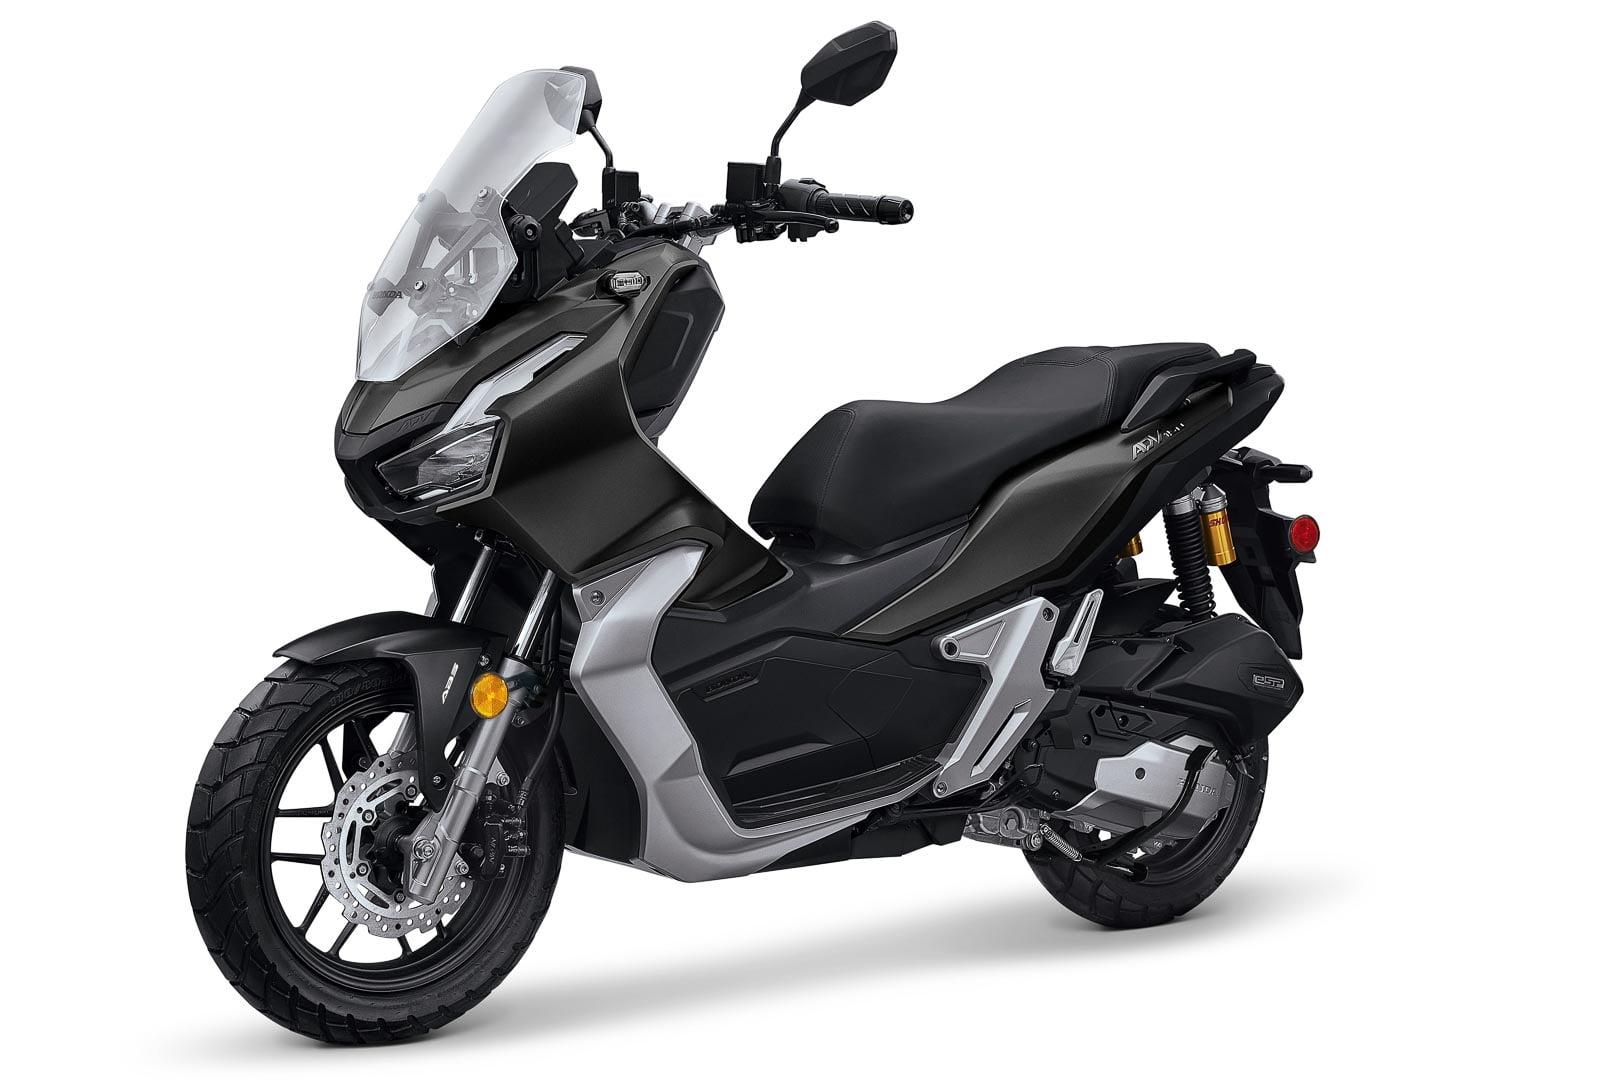 Honda ADV 150 - Foto 1 de 8 - 1280 x 960 pixels - MOTOO